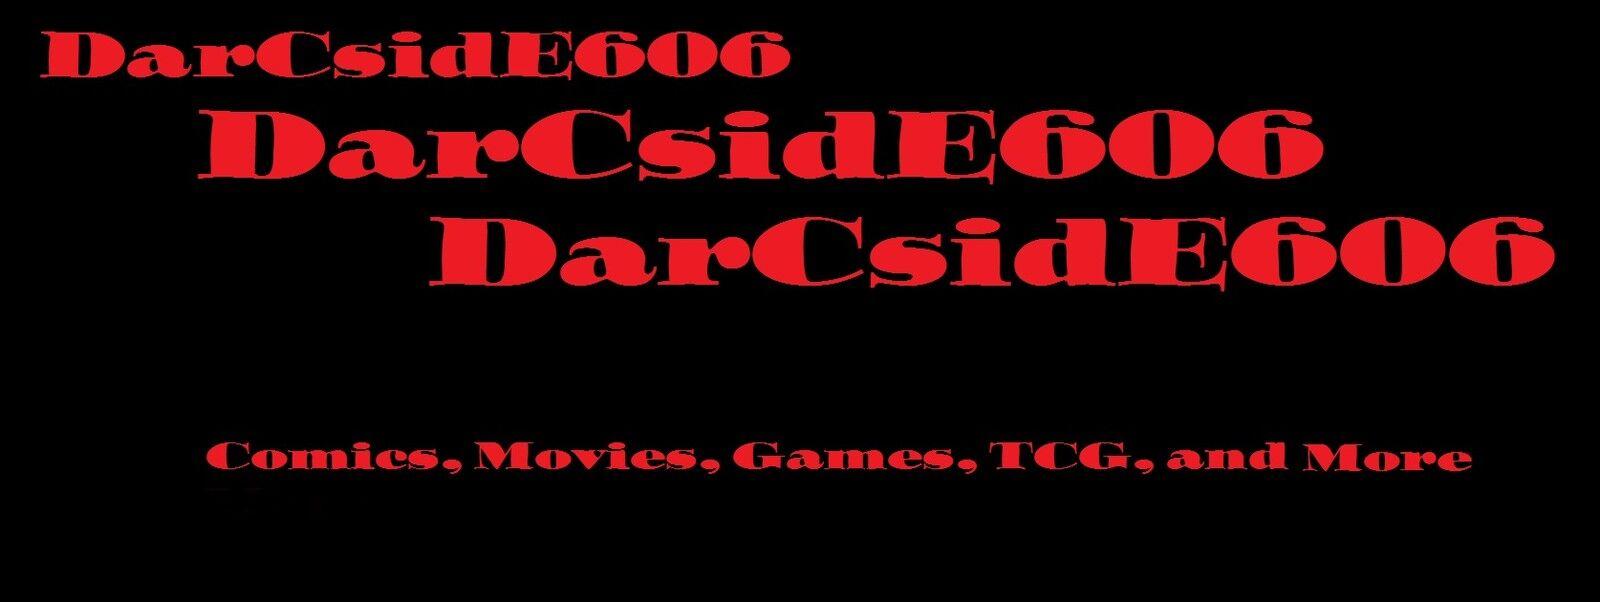 DarCsidE606